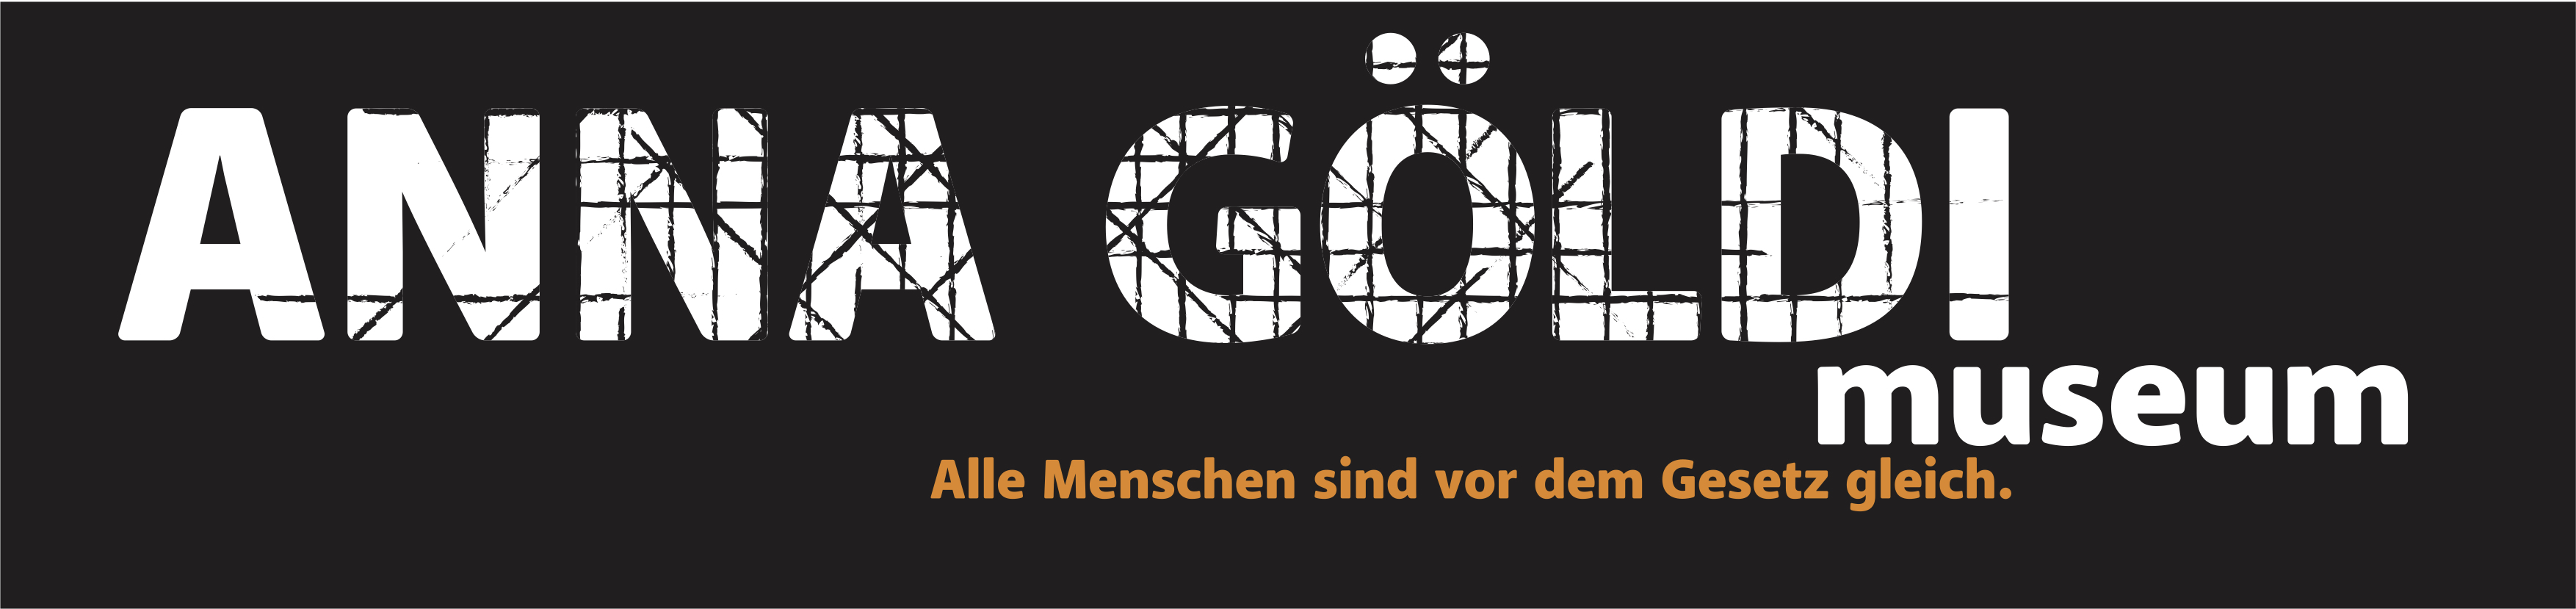 Anna Göldi Museum - alle Menschen sind vor dem Gesetz gleich